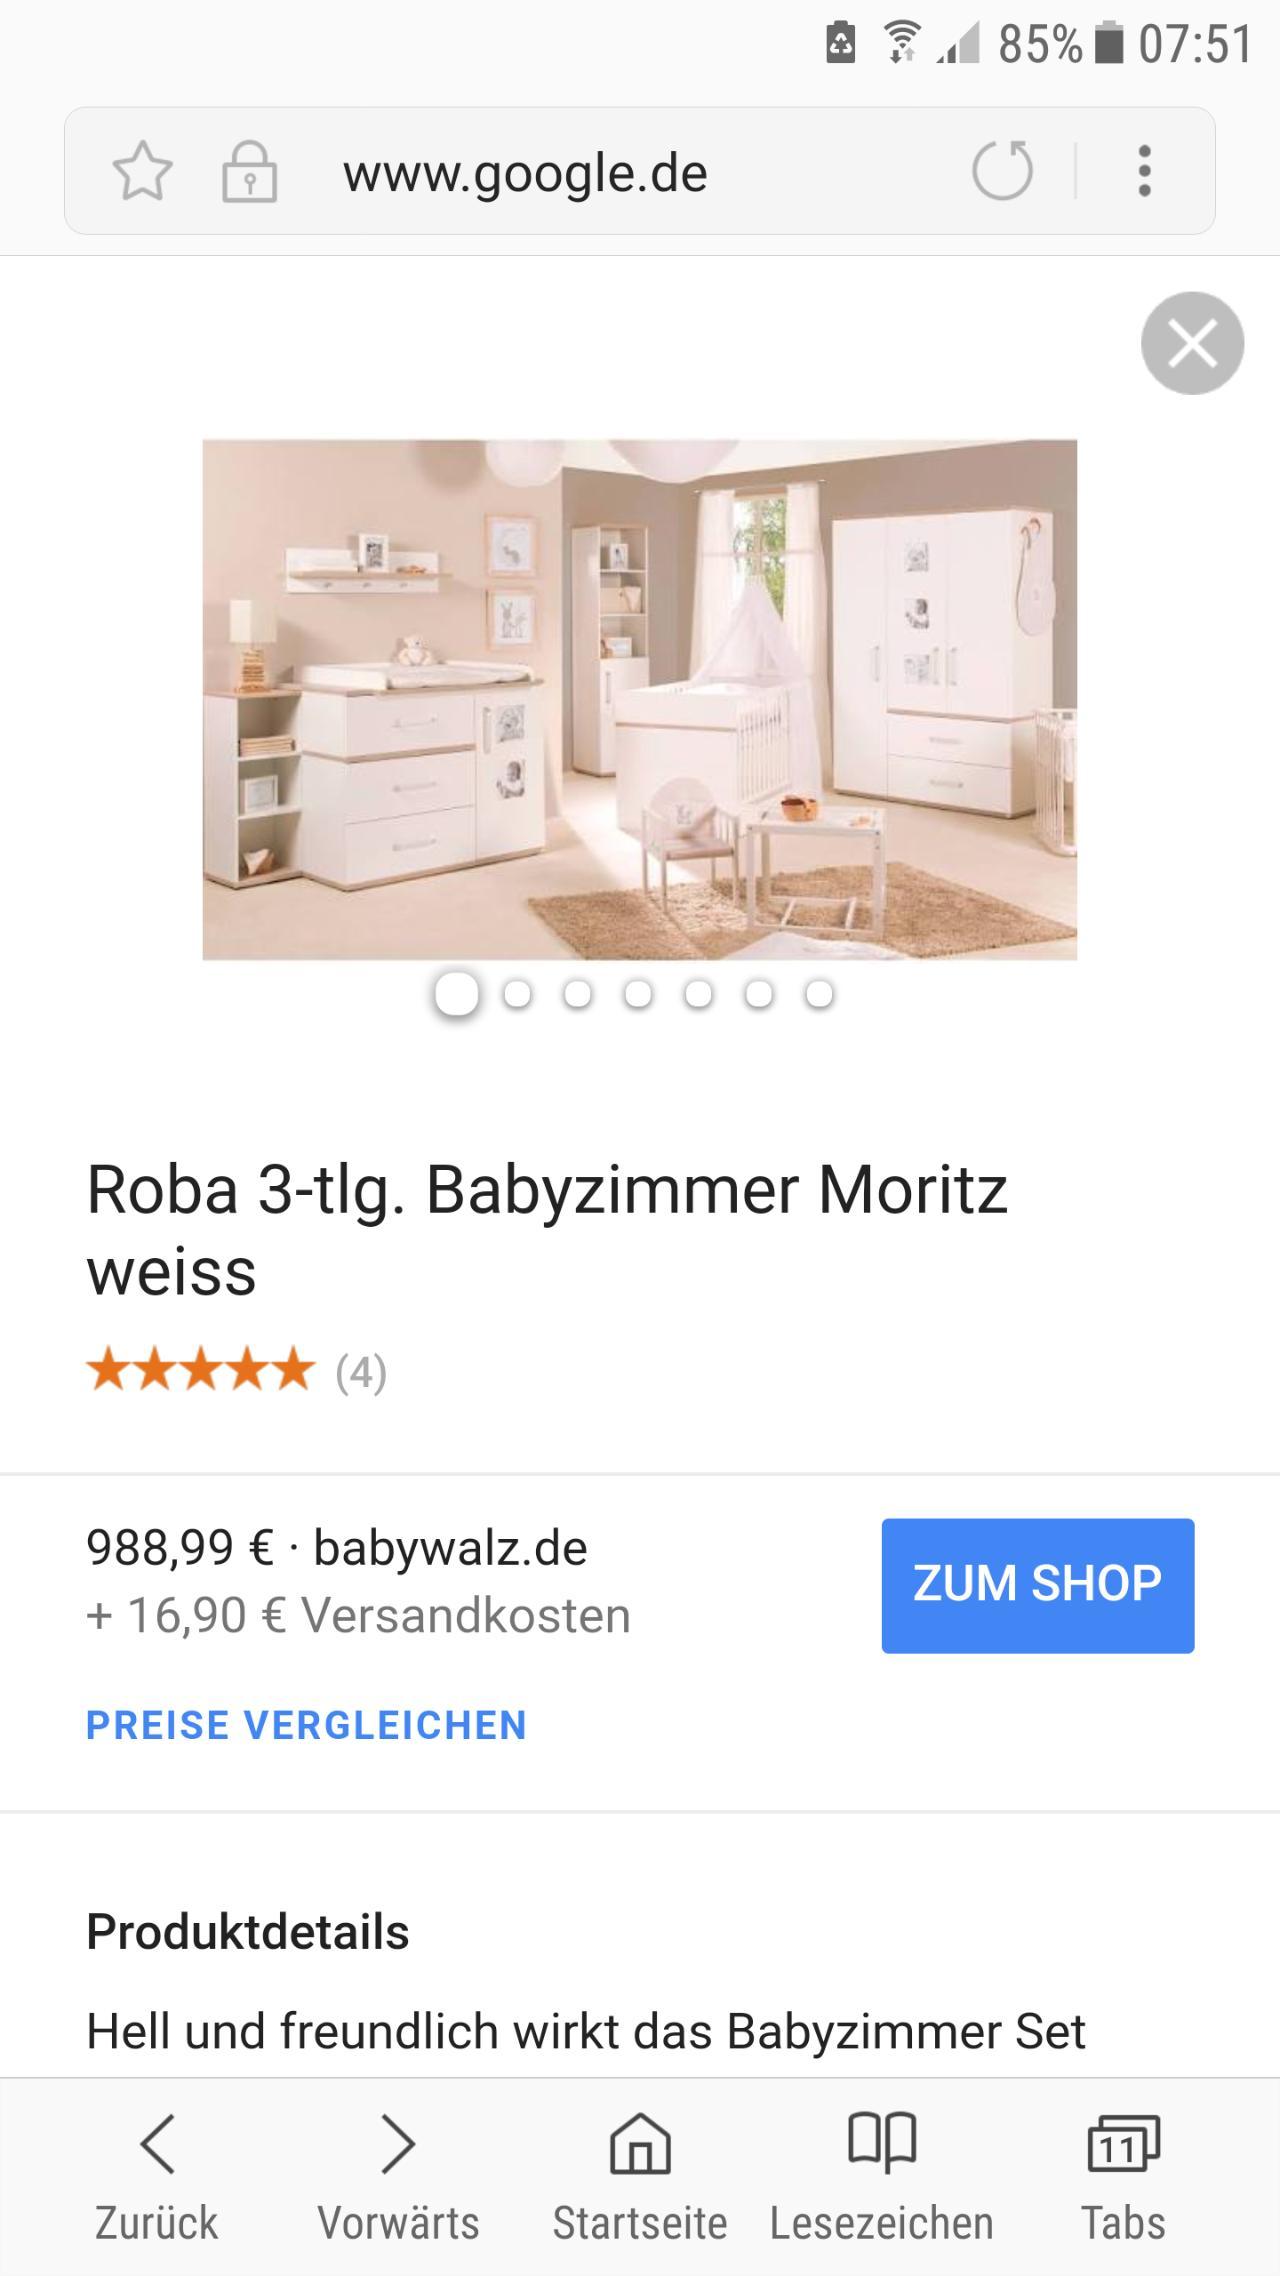 Roba babyzimmer moritz seite 1 forum baby vorbereitung - Babyzimmer forum ...